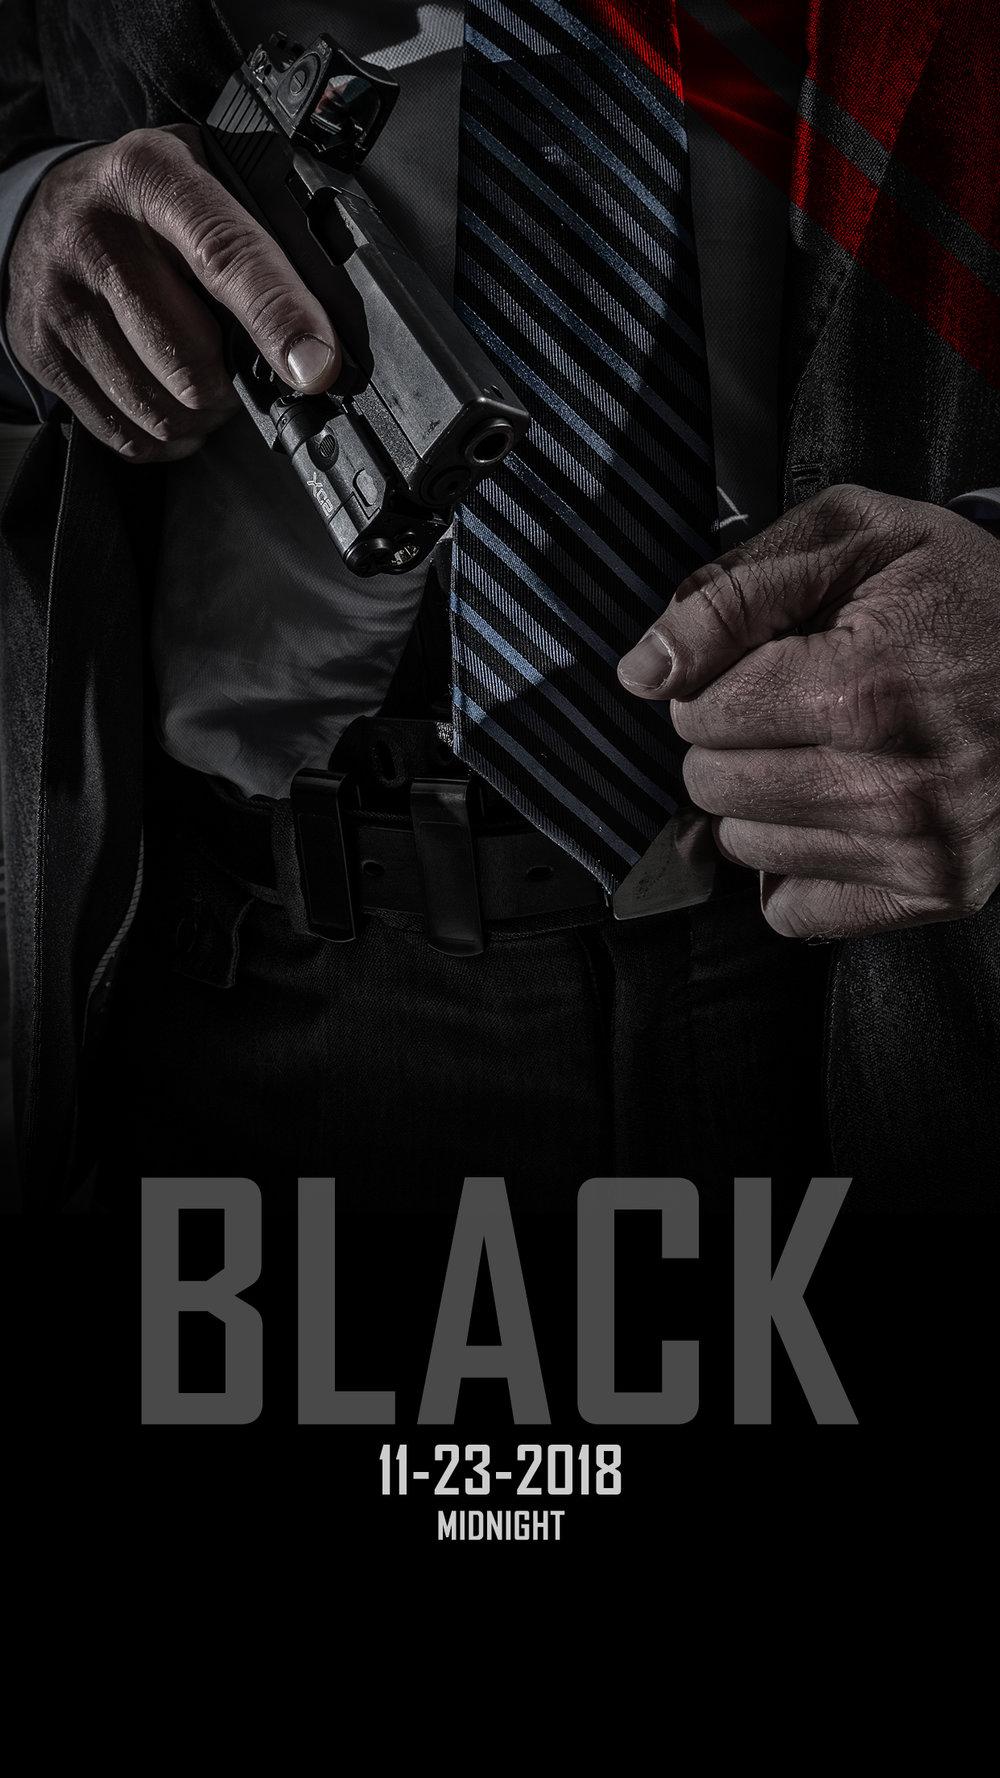 Black-Friday-story-teaser-2.jpg